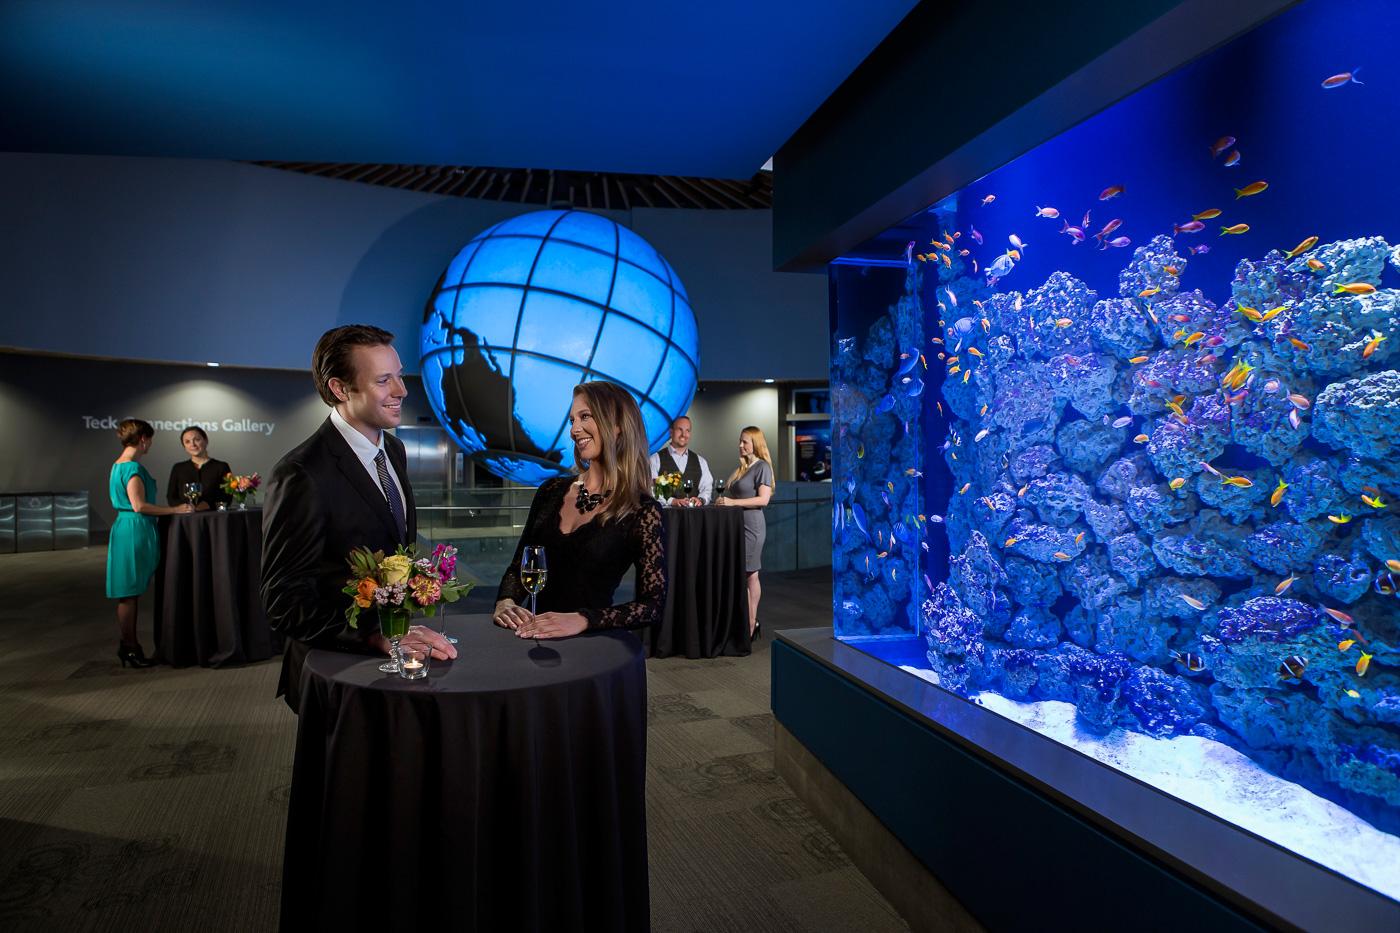 The Vancouver Aquarium - Behind the scenes